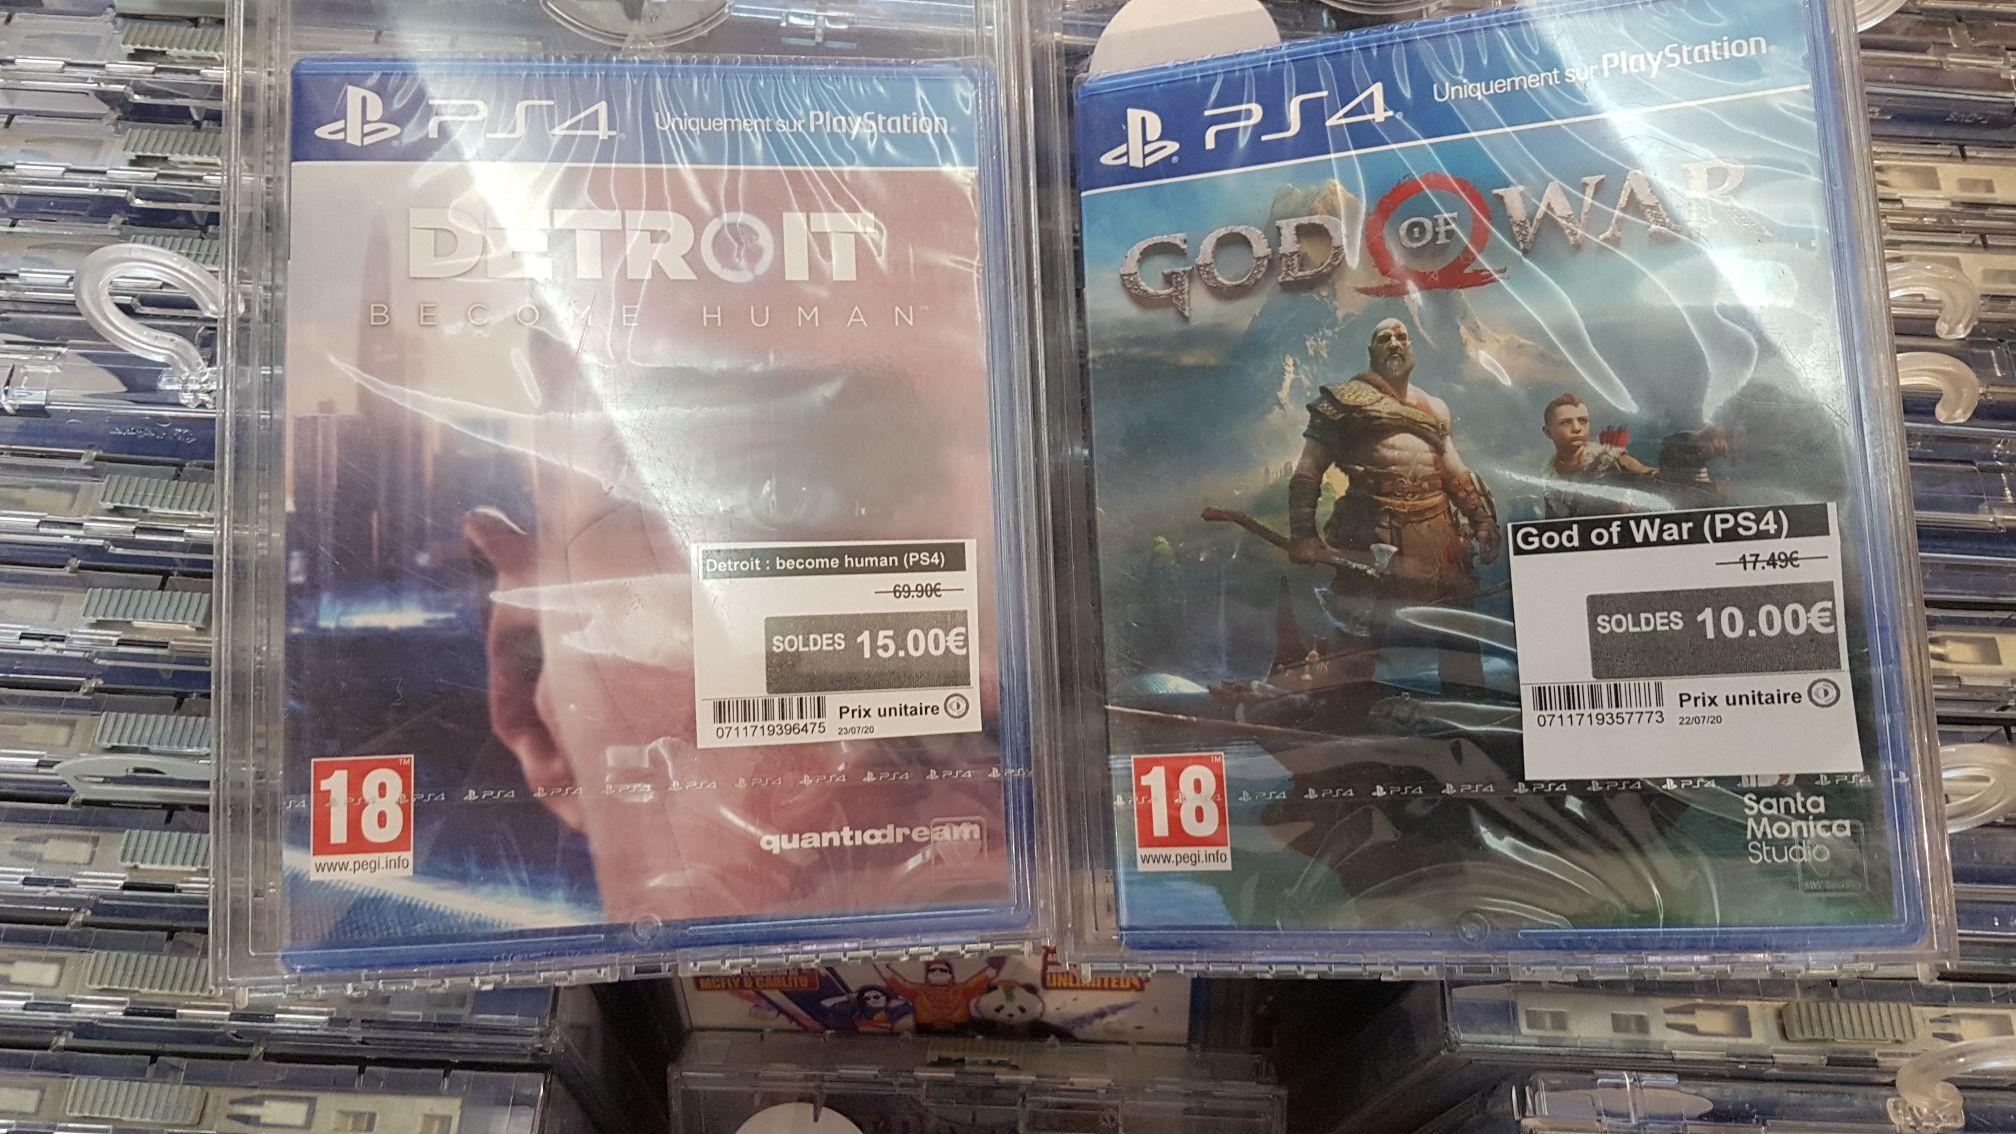 Sélection de jeux sur PS4 en promotion - Ex : God of War - Saint-Léonard (76)